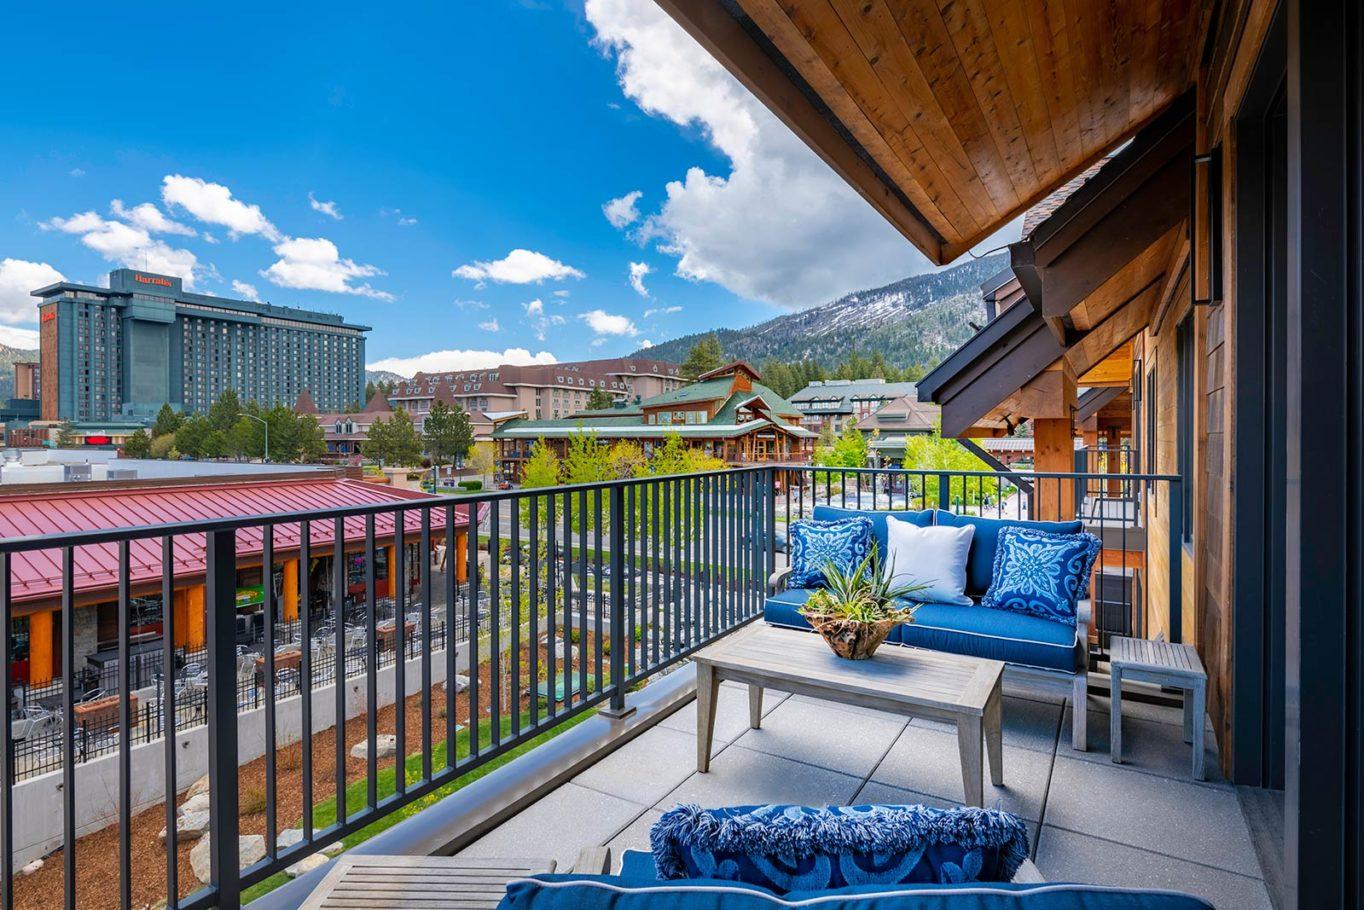 Zalanta Balcony View - Talie Jane Interiors